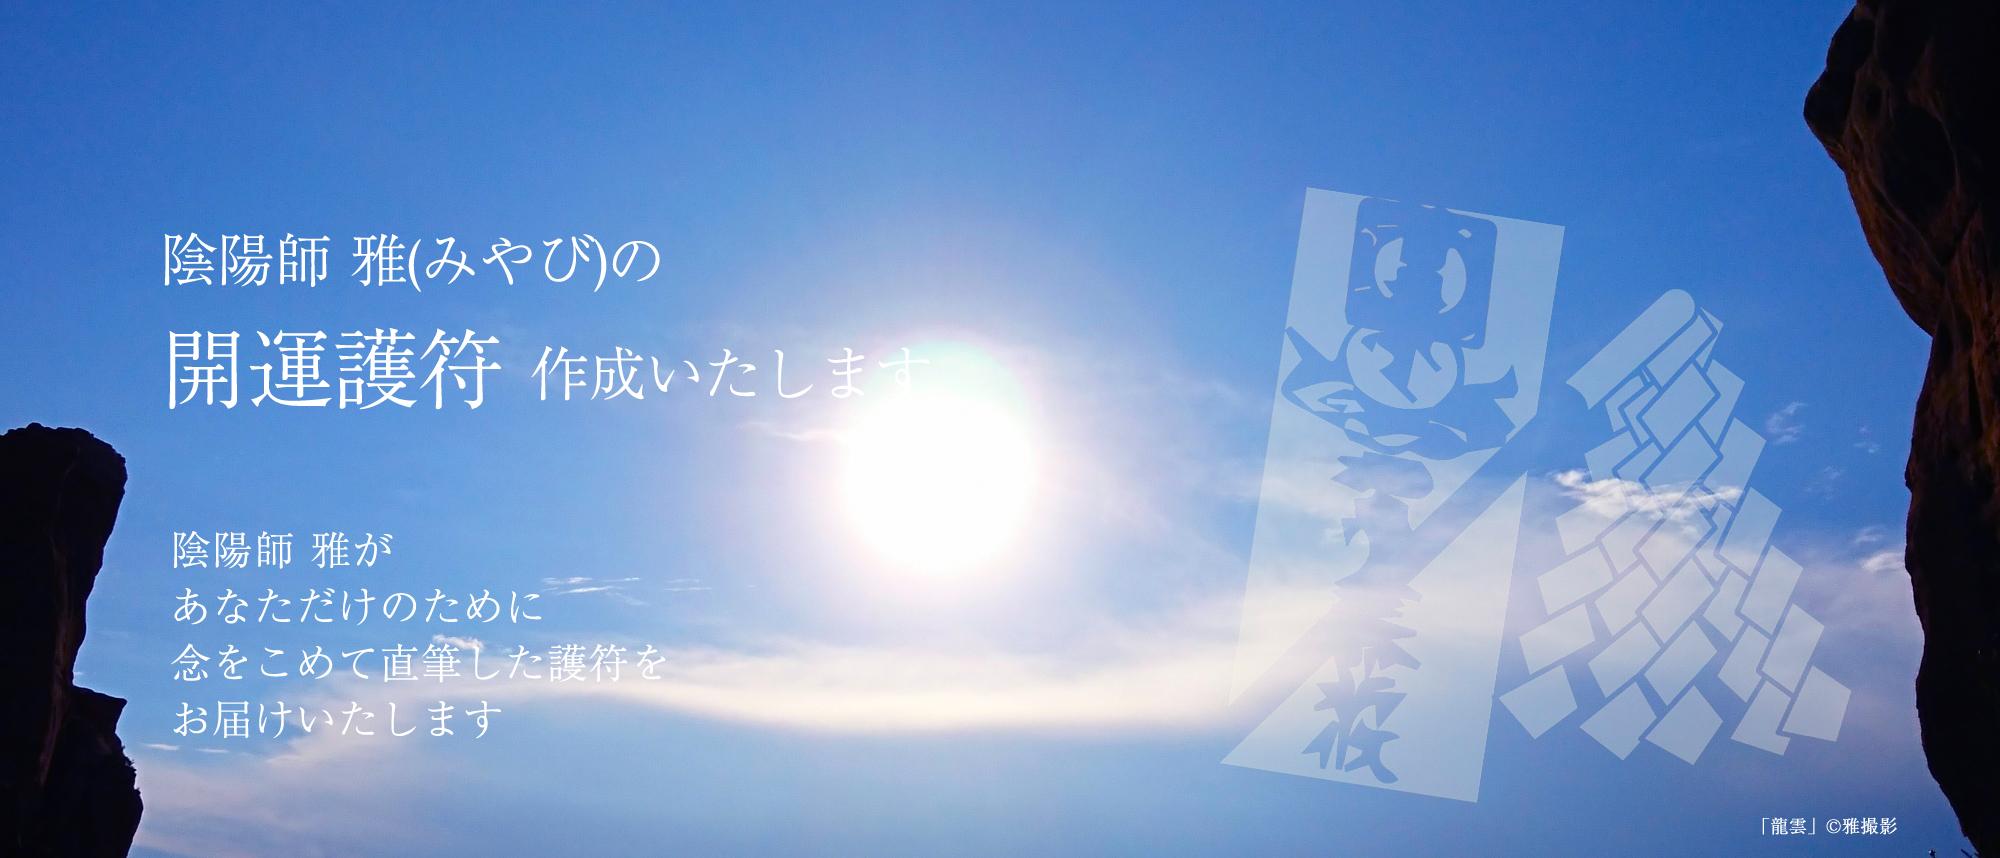 陰陽師 雅【公式通販サイト】開運・風水護符・霊符販売